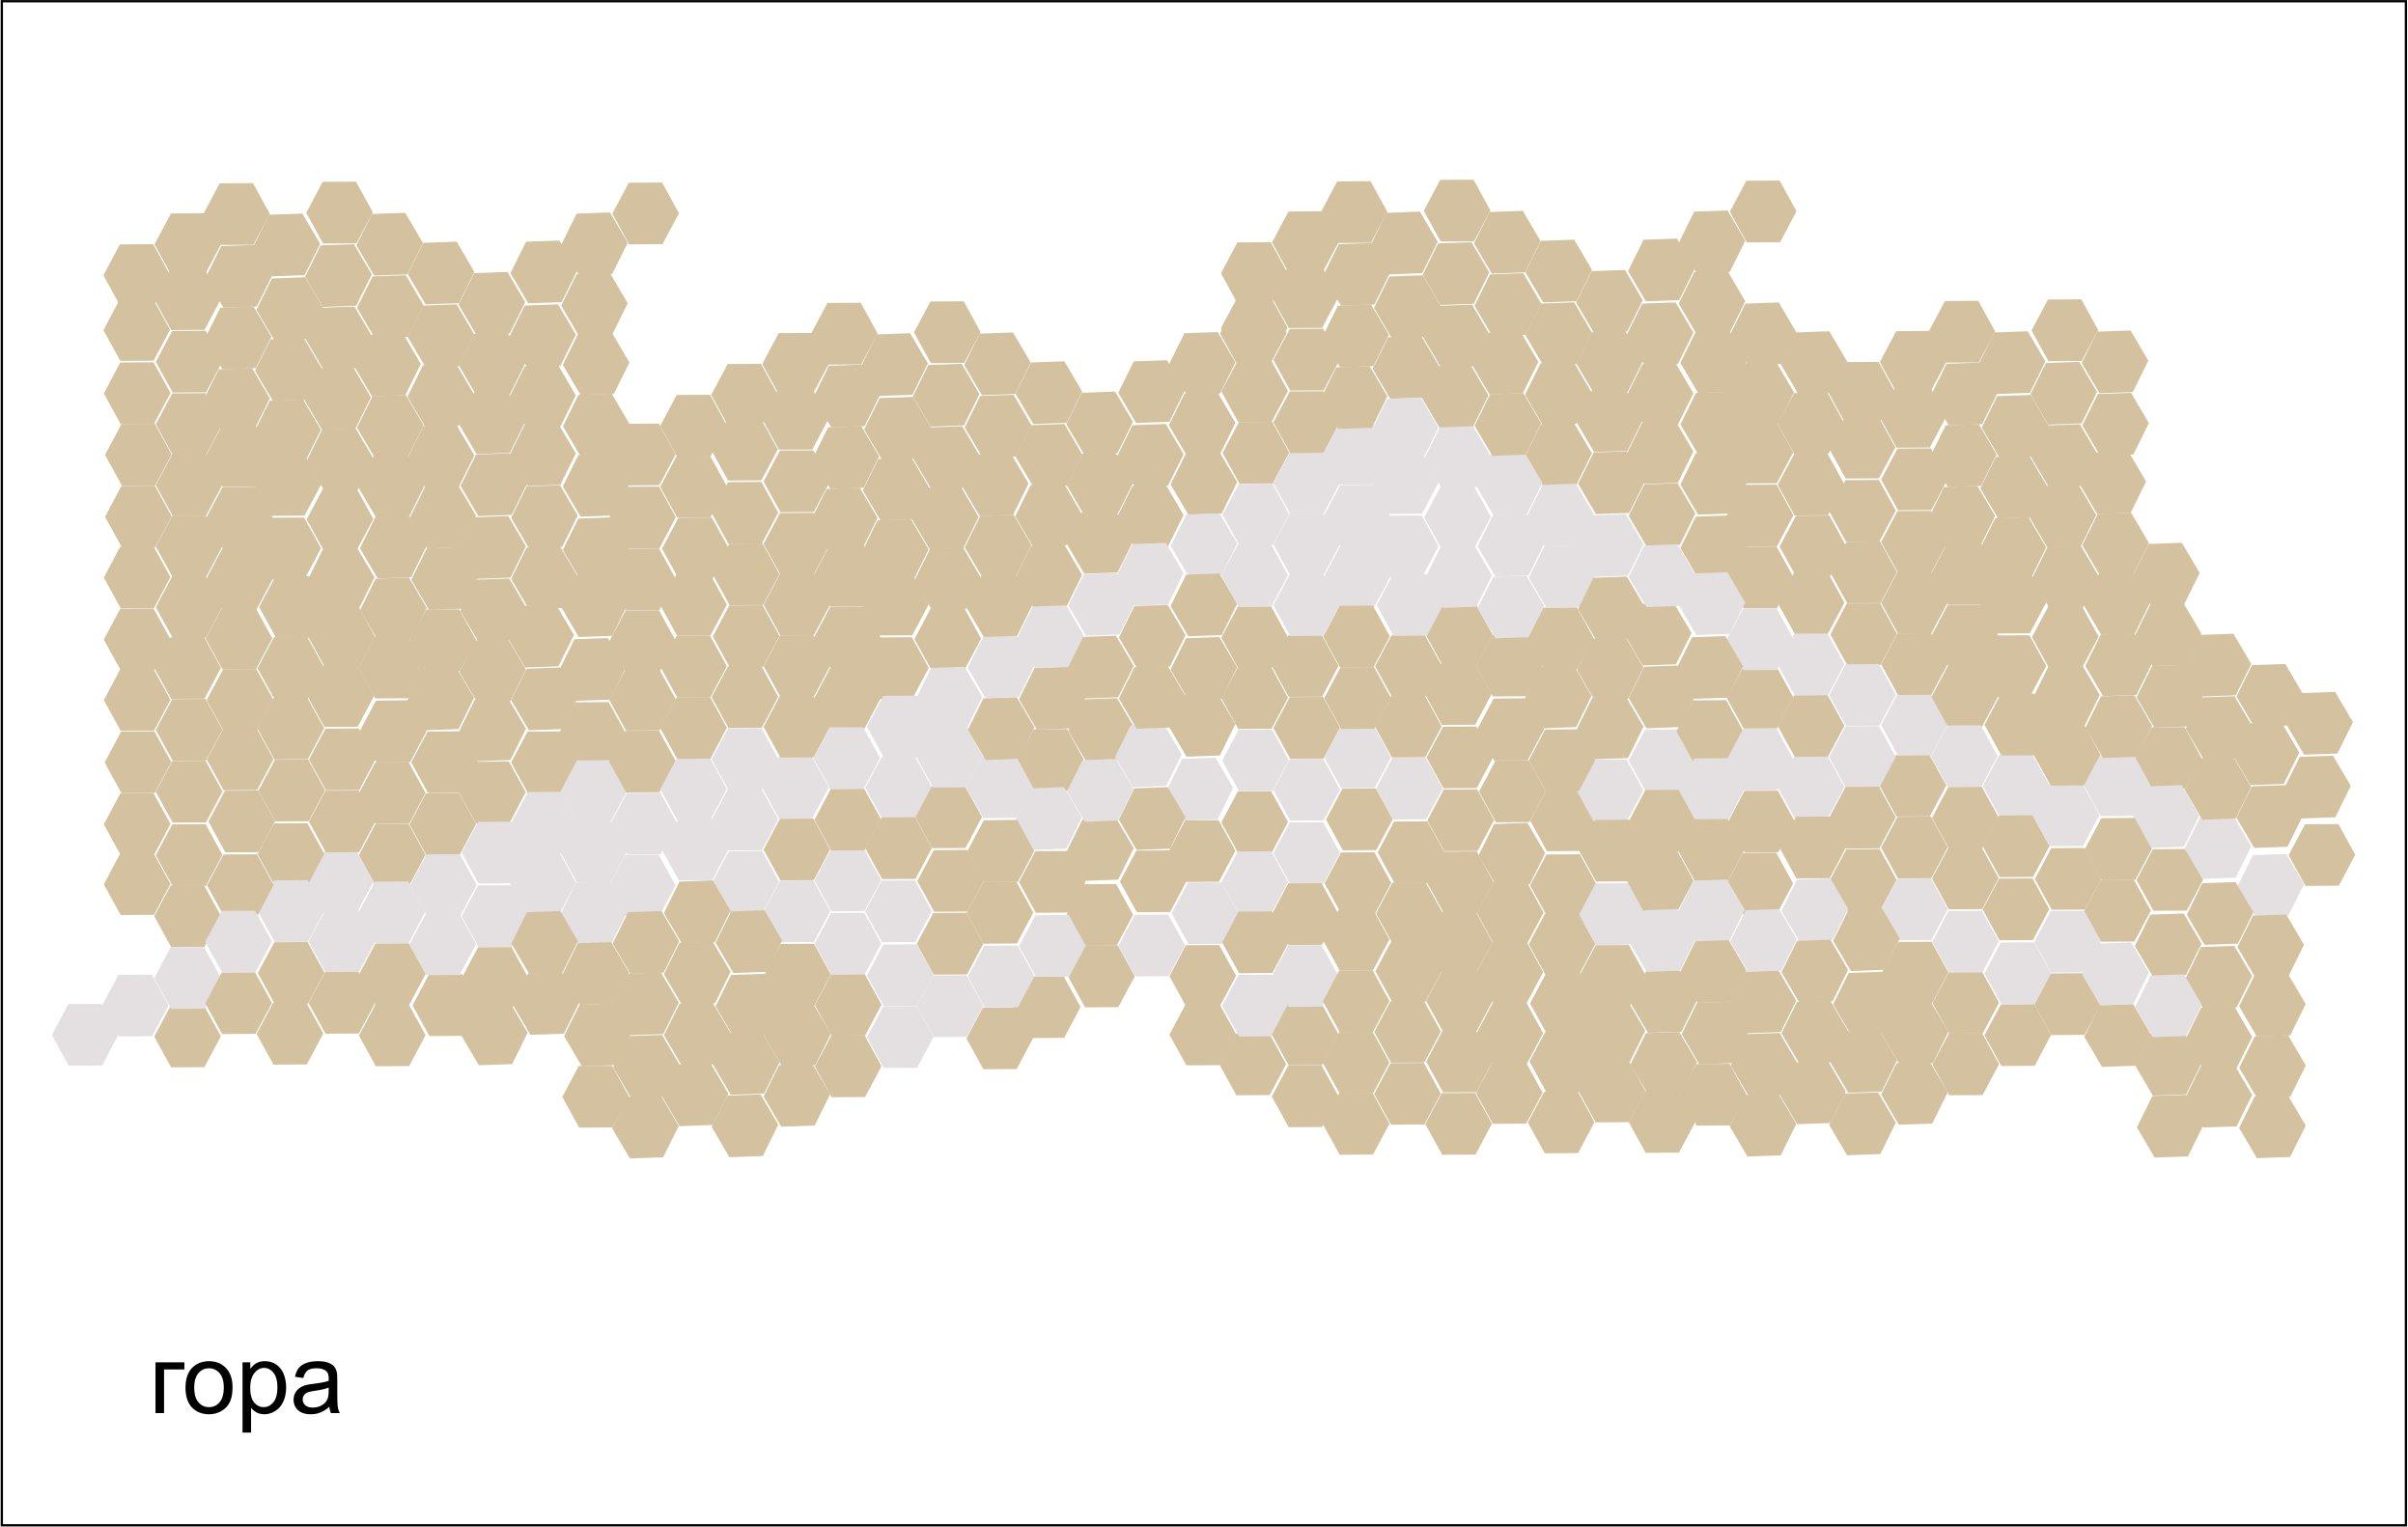 Дизайн кухонного фартука гексагональным пиксель-артом фото f_9925e2b59ddd5b1c.jpg